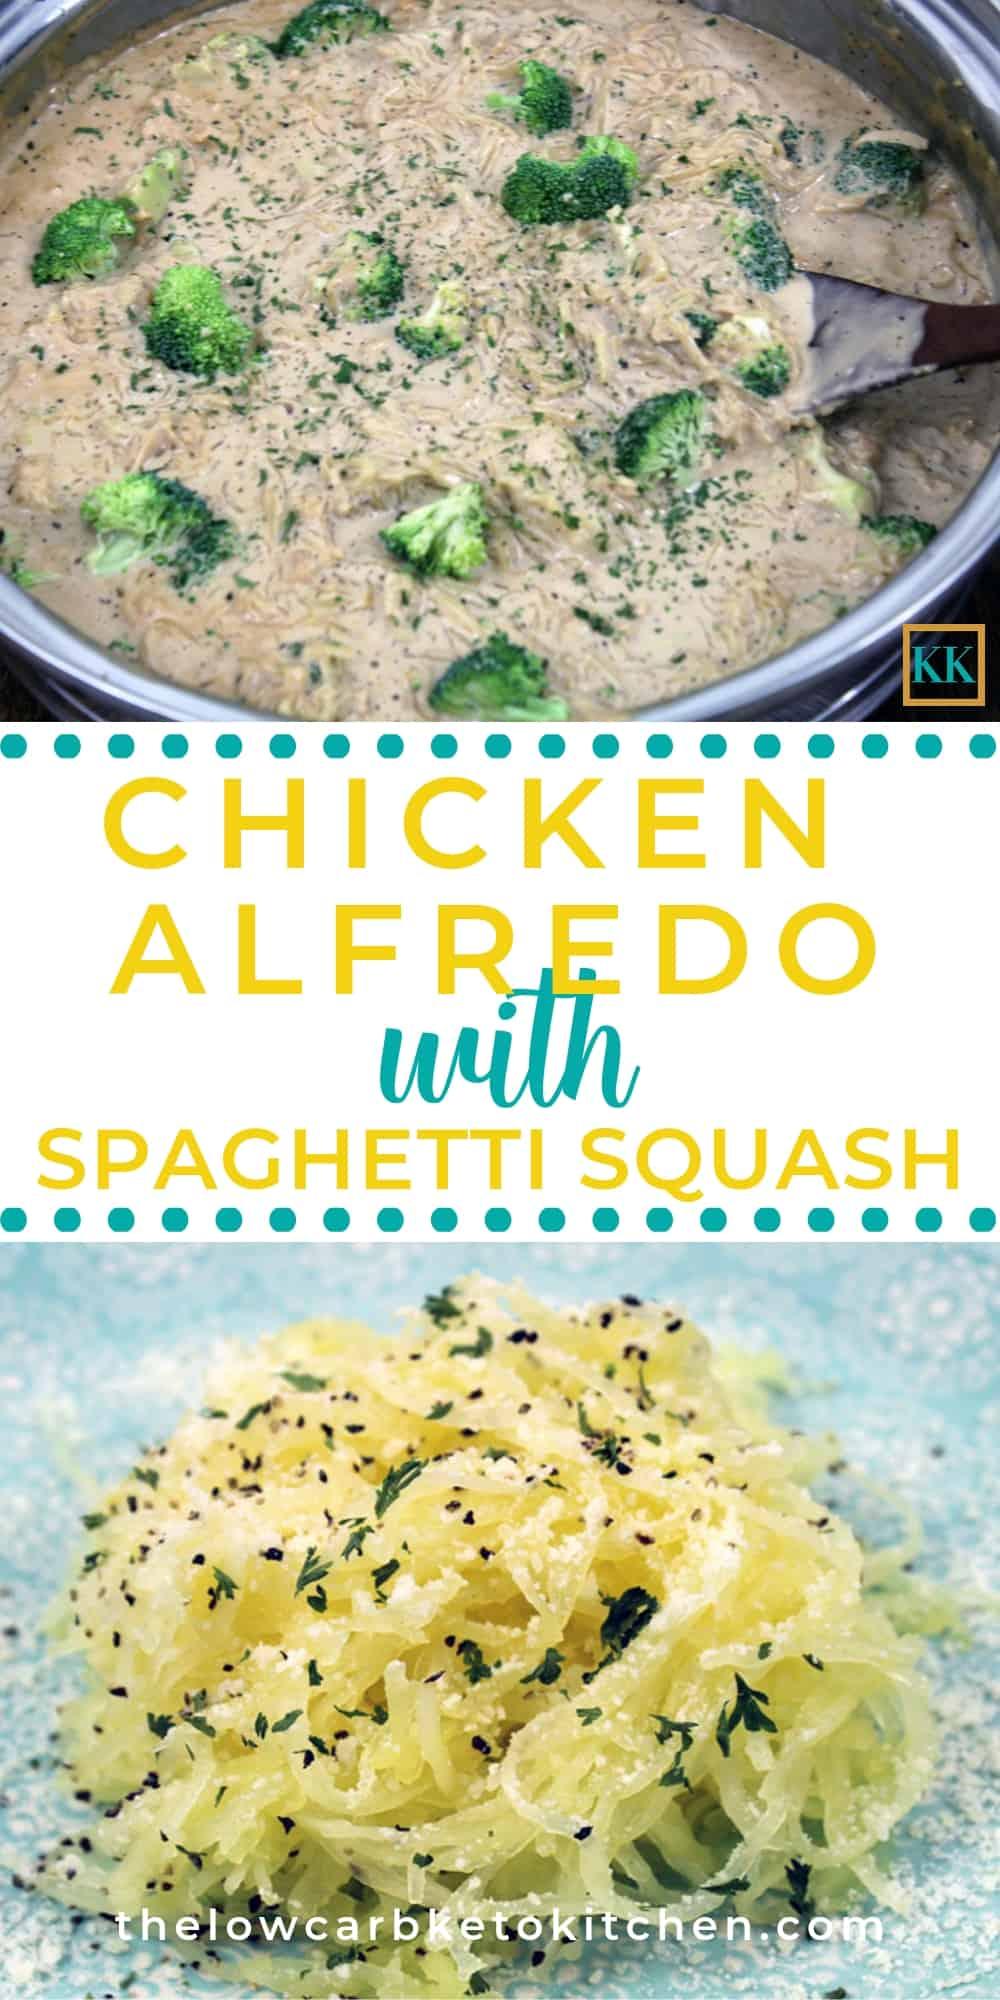 Keto Chicken Alfredo with Spaghetti Squash